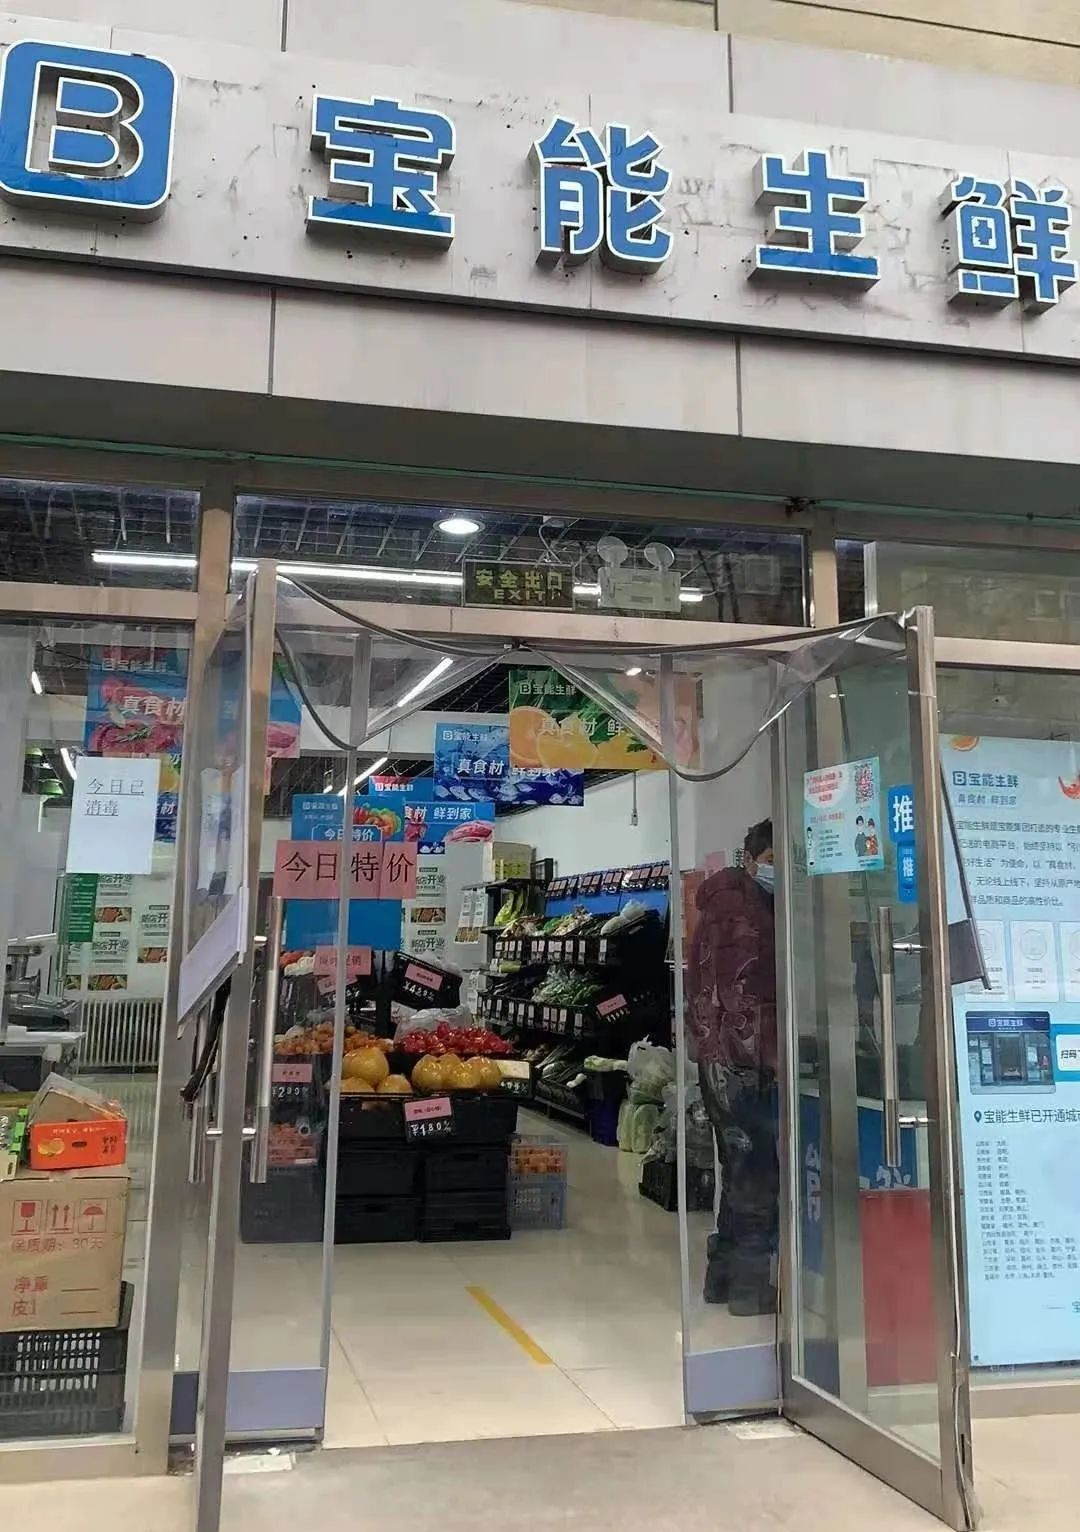 宝能生鲜北京门店调整:一周内关两家